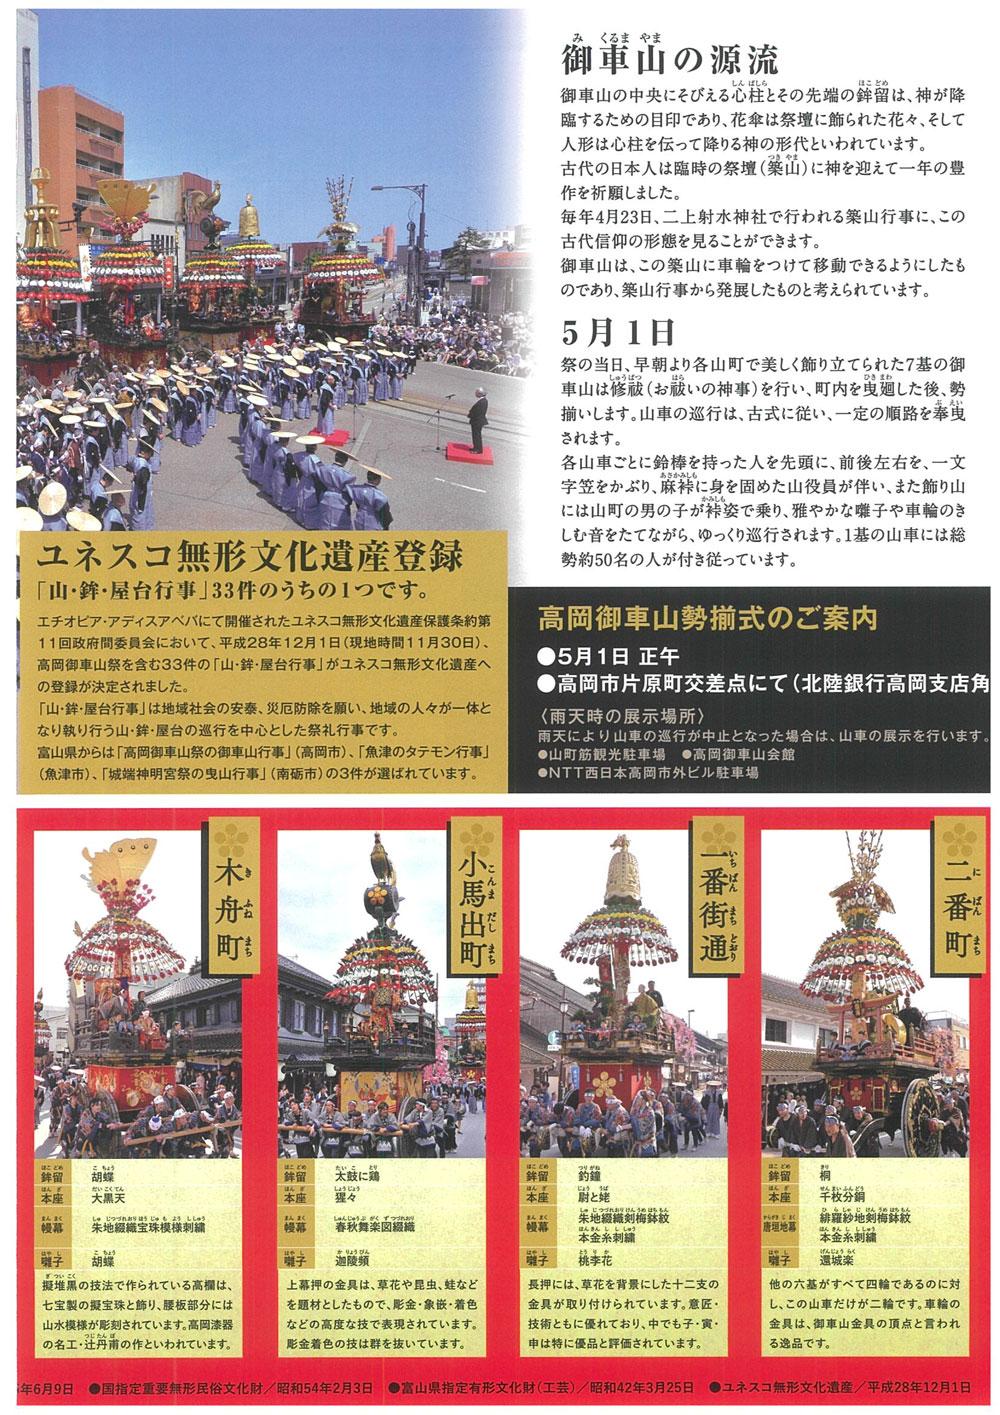 高岡御車山祭りのパンフレット3